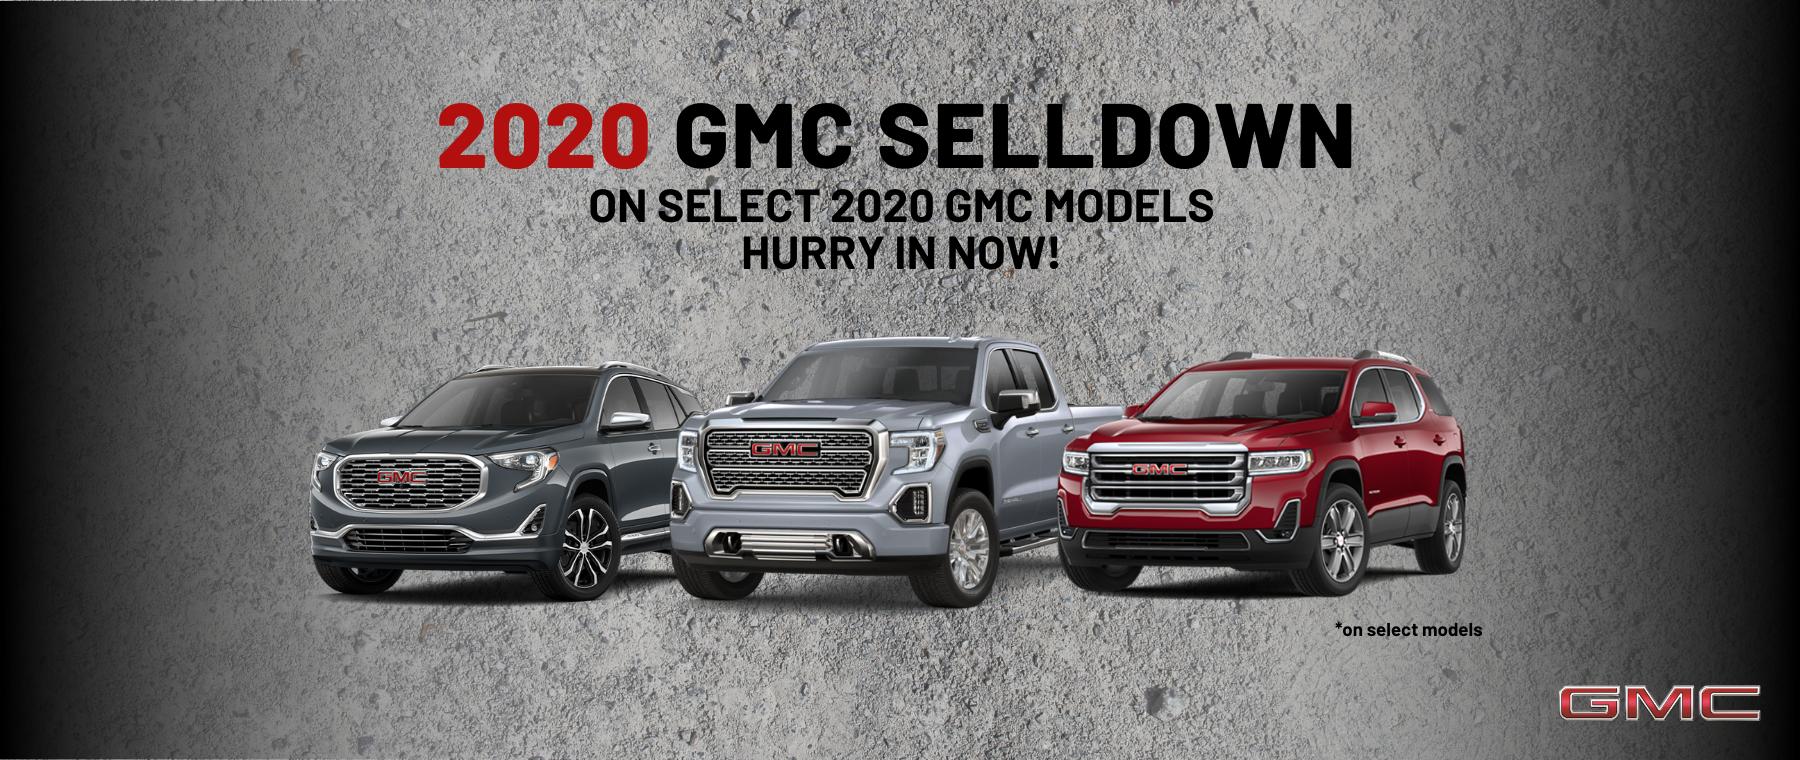 2020 GMC Selldown